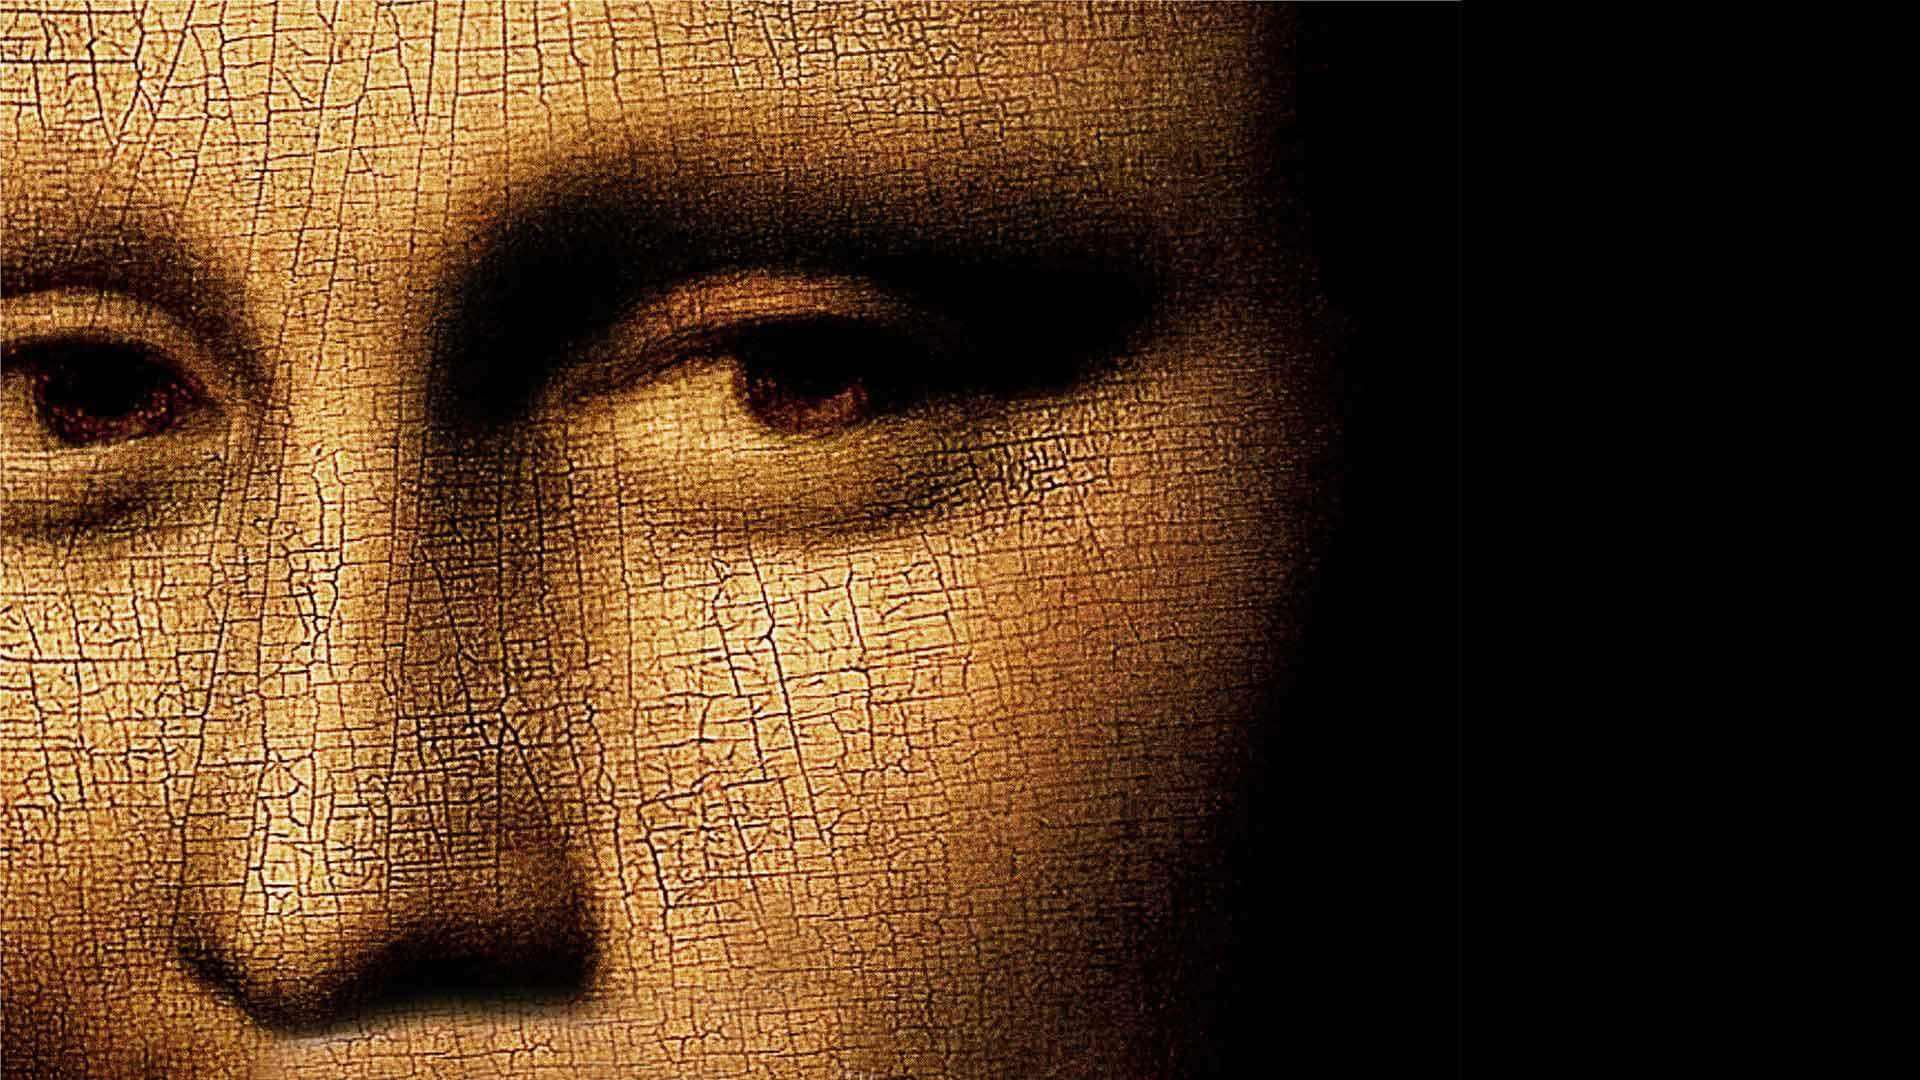 《蒙娜丽莎》并不是单人画像,放大30倍后,出现的另一个人是谁